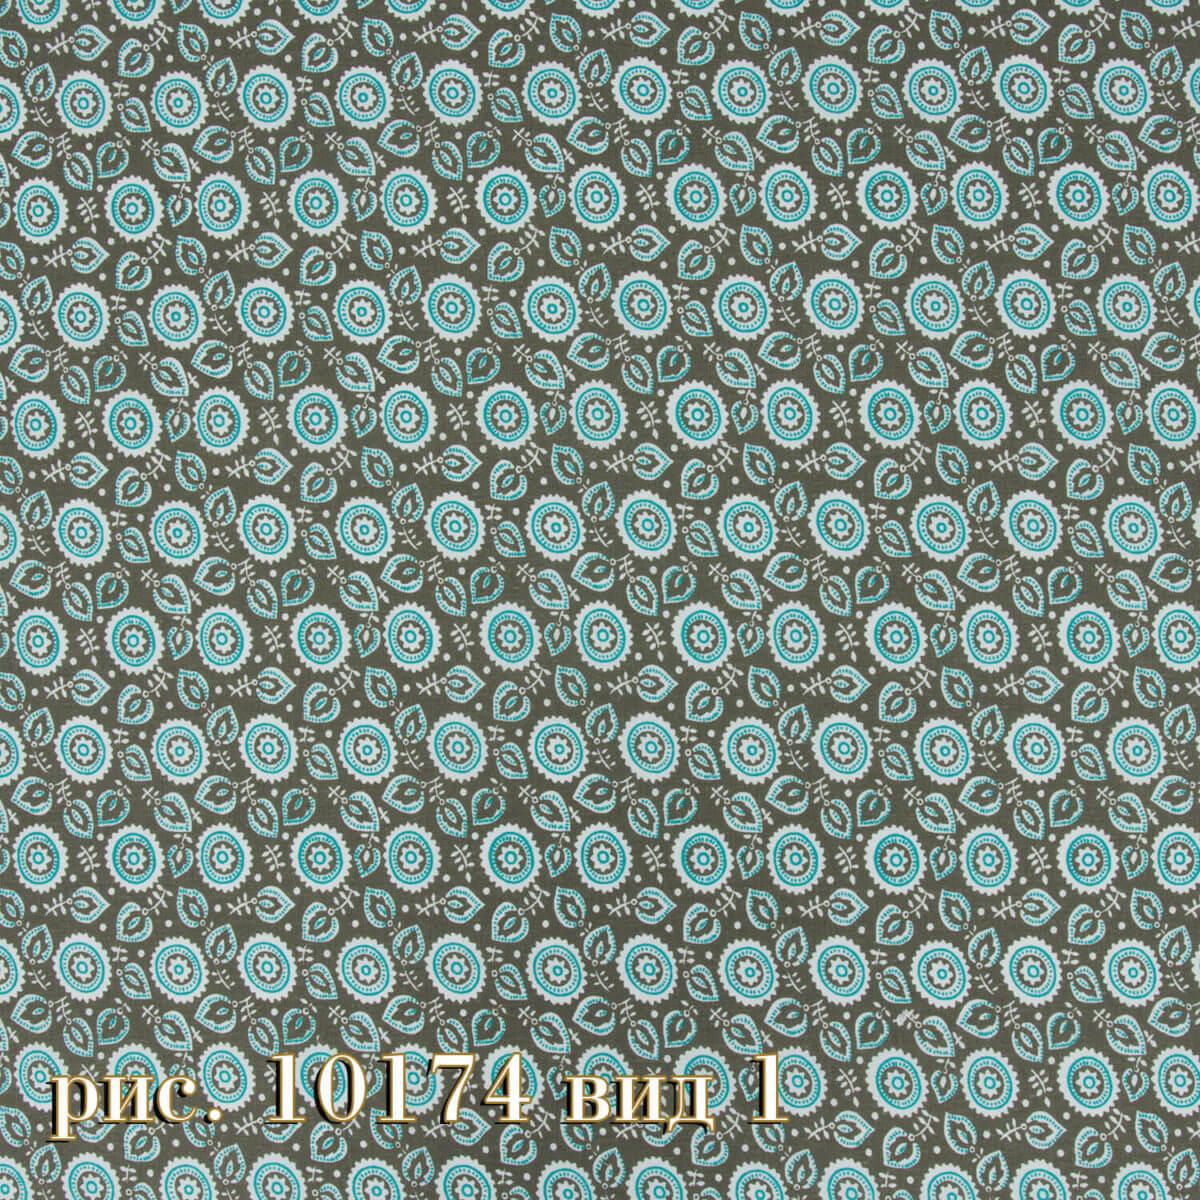 Фото 12 - Плательная ткань бязь 150 см (10174/1).